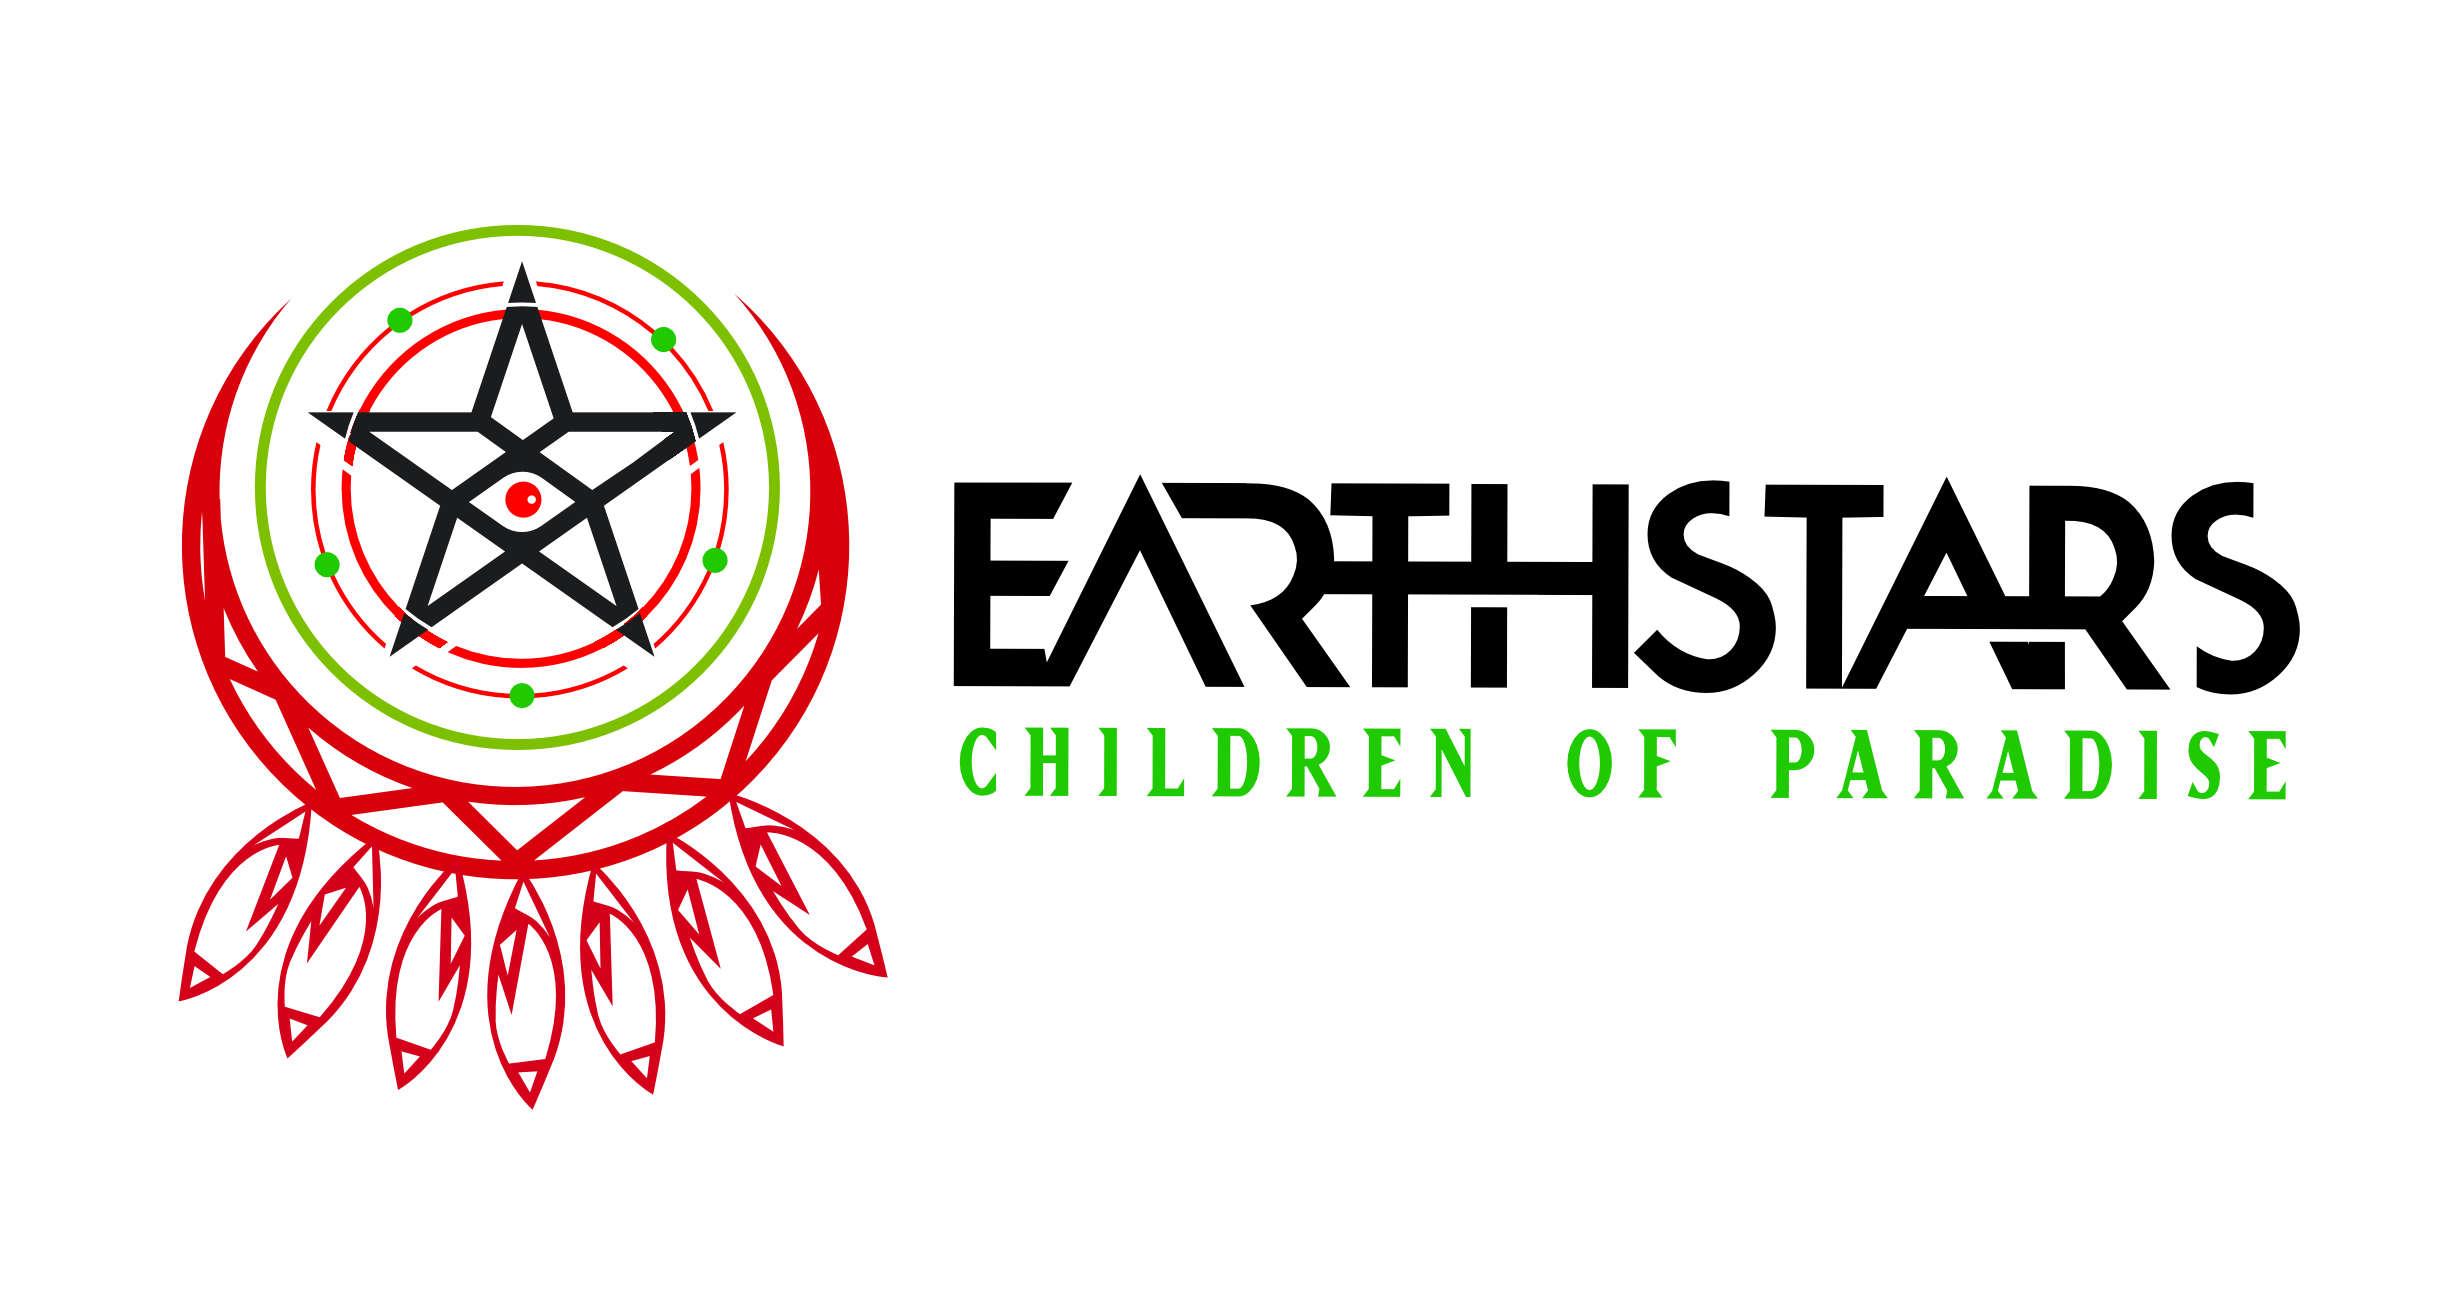 EARTHSTARS.jpg